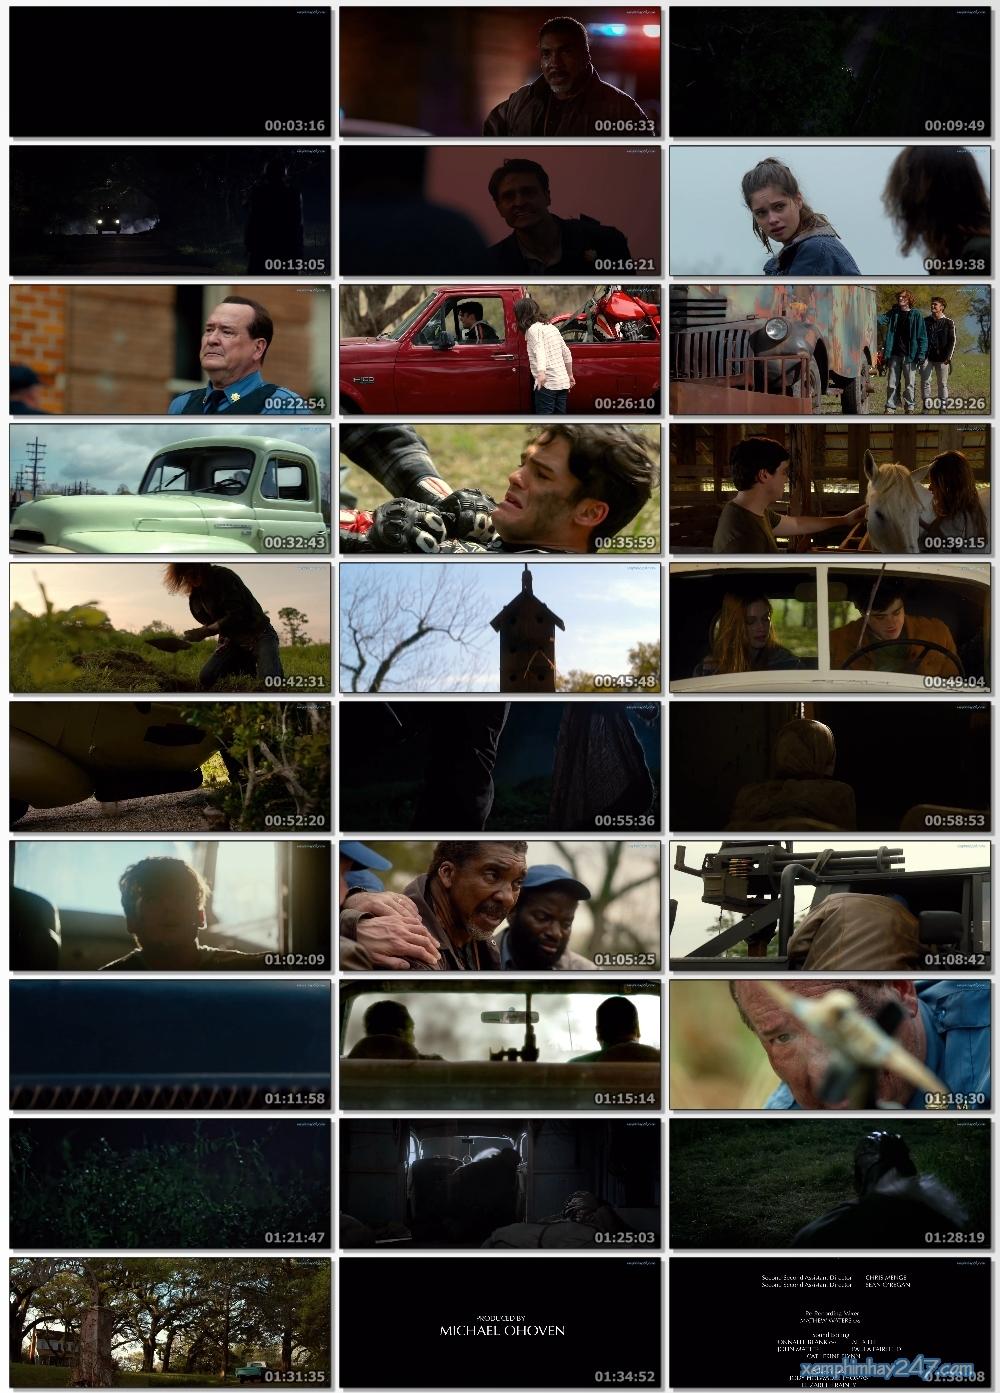 http://xemphimhay247.com - Xem phim hay 247 - Kẻ Săn Lùng Sợ Hãi 3 (2017) - Jeepers Creepers 3 (2017)